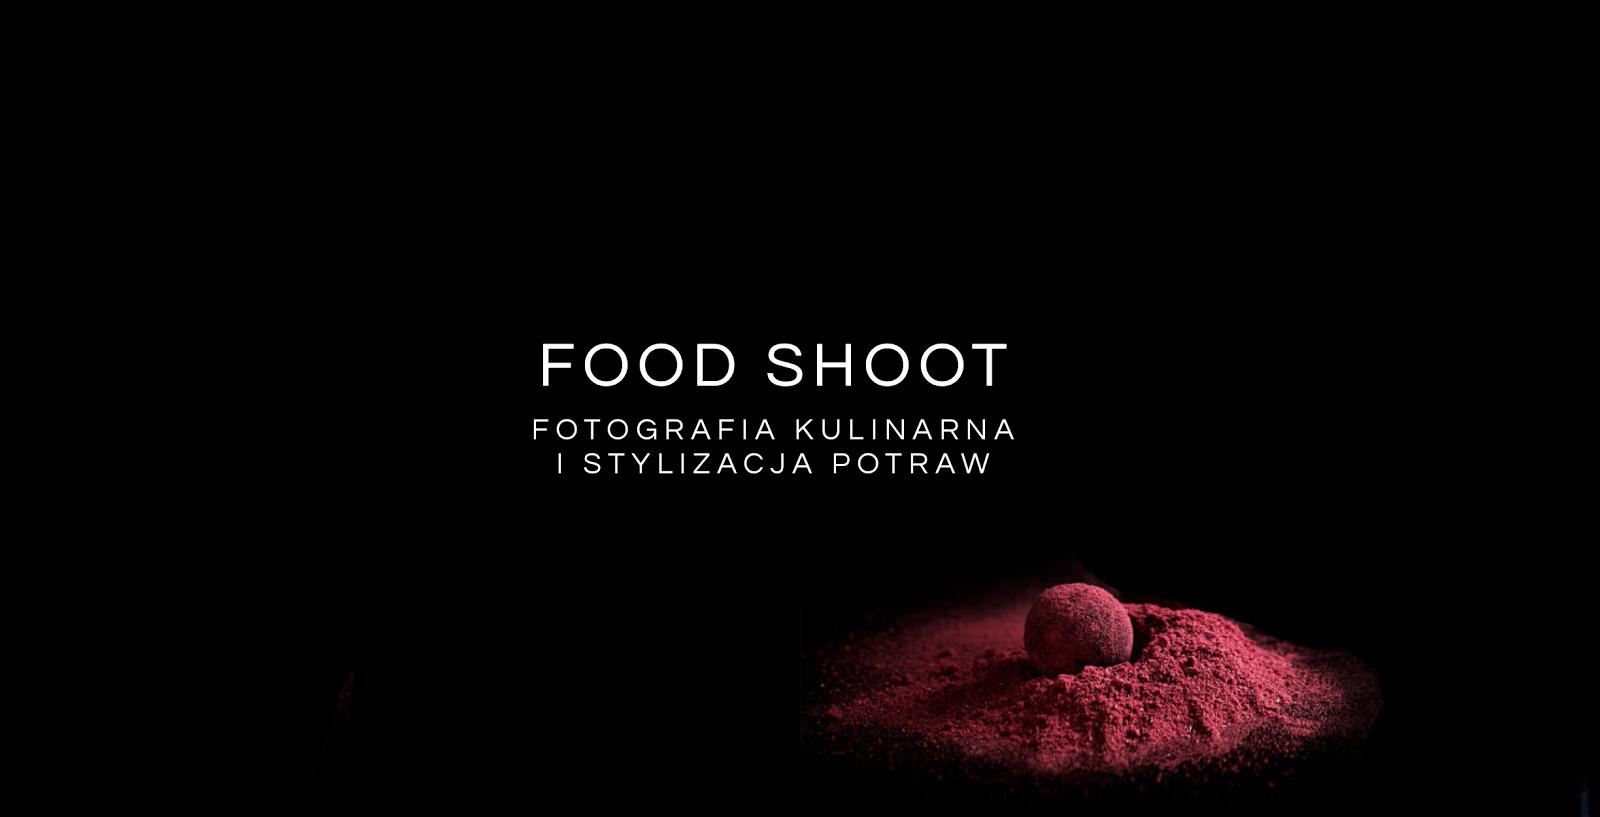 FOOD SHOOT- fotografia kulinarna i stylizacja potraw